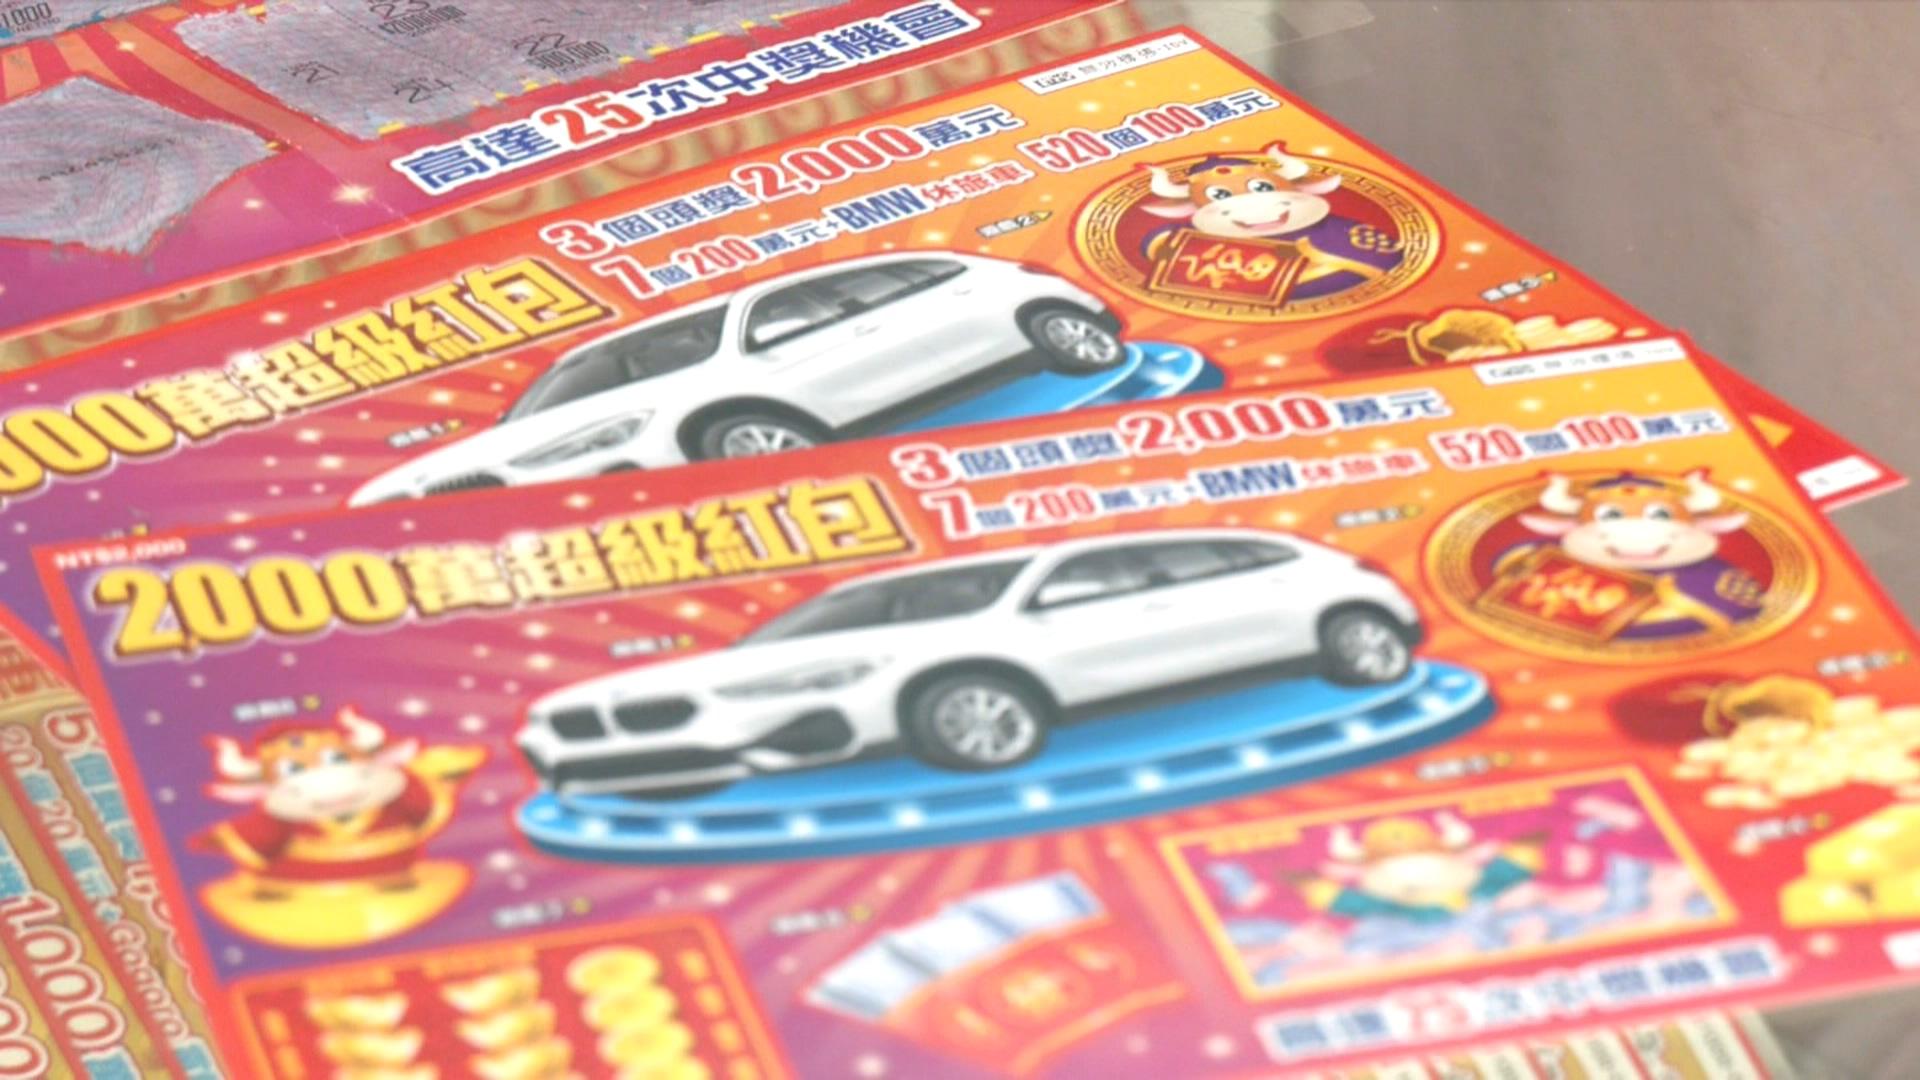 200萬+名車! 刮刮樂中獎神秘「巧合」 民眾瘋包牌賭運氣